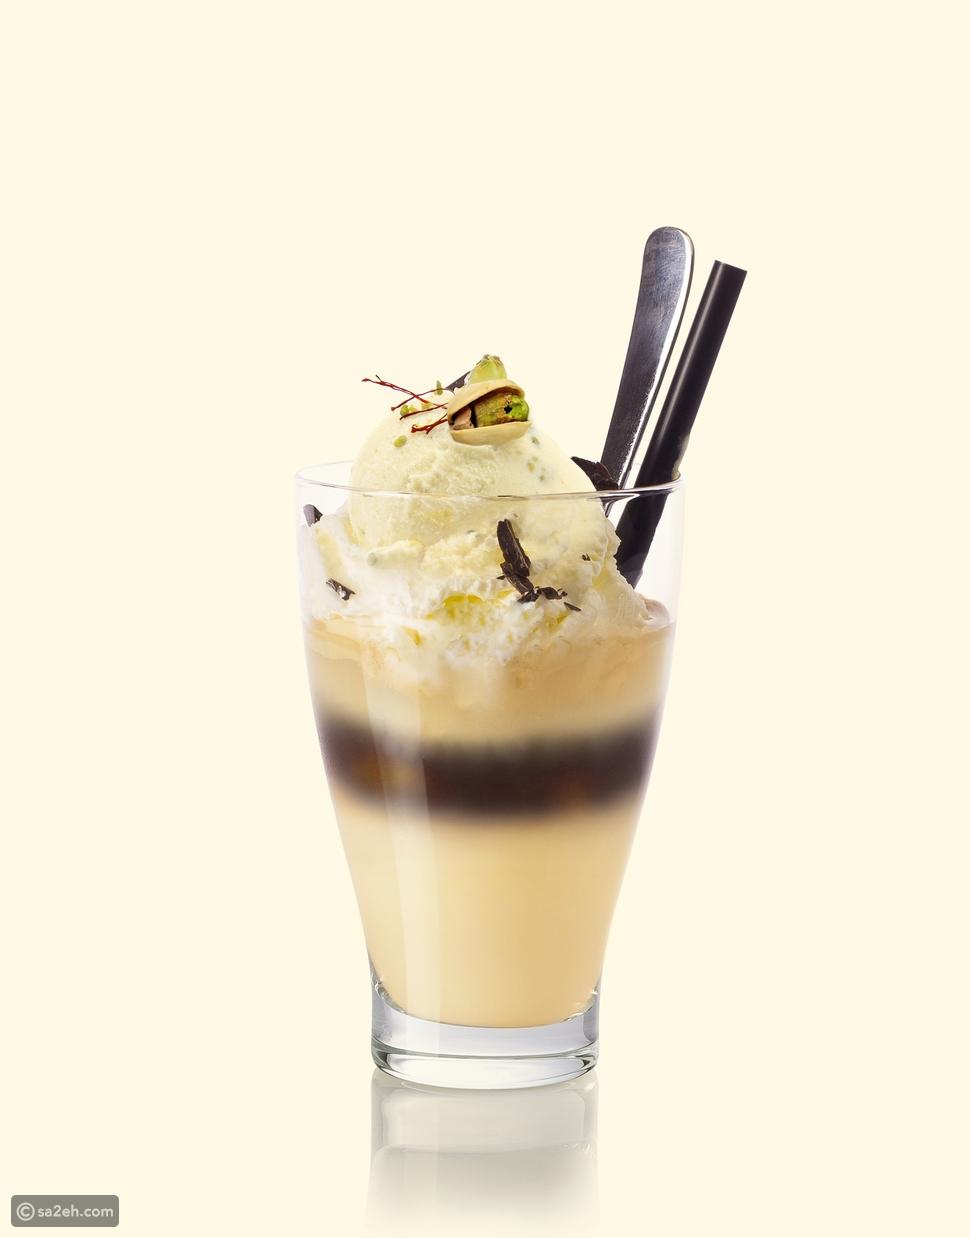 هيلتون تبتكر قهوة من خلطة مميزة احتفالًا بيوم القهوة العالمي ☕